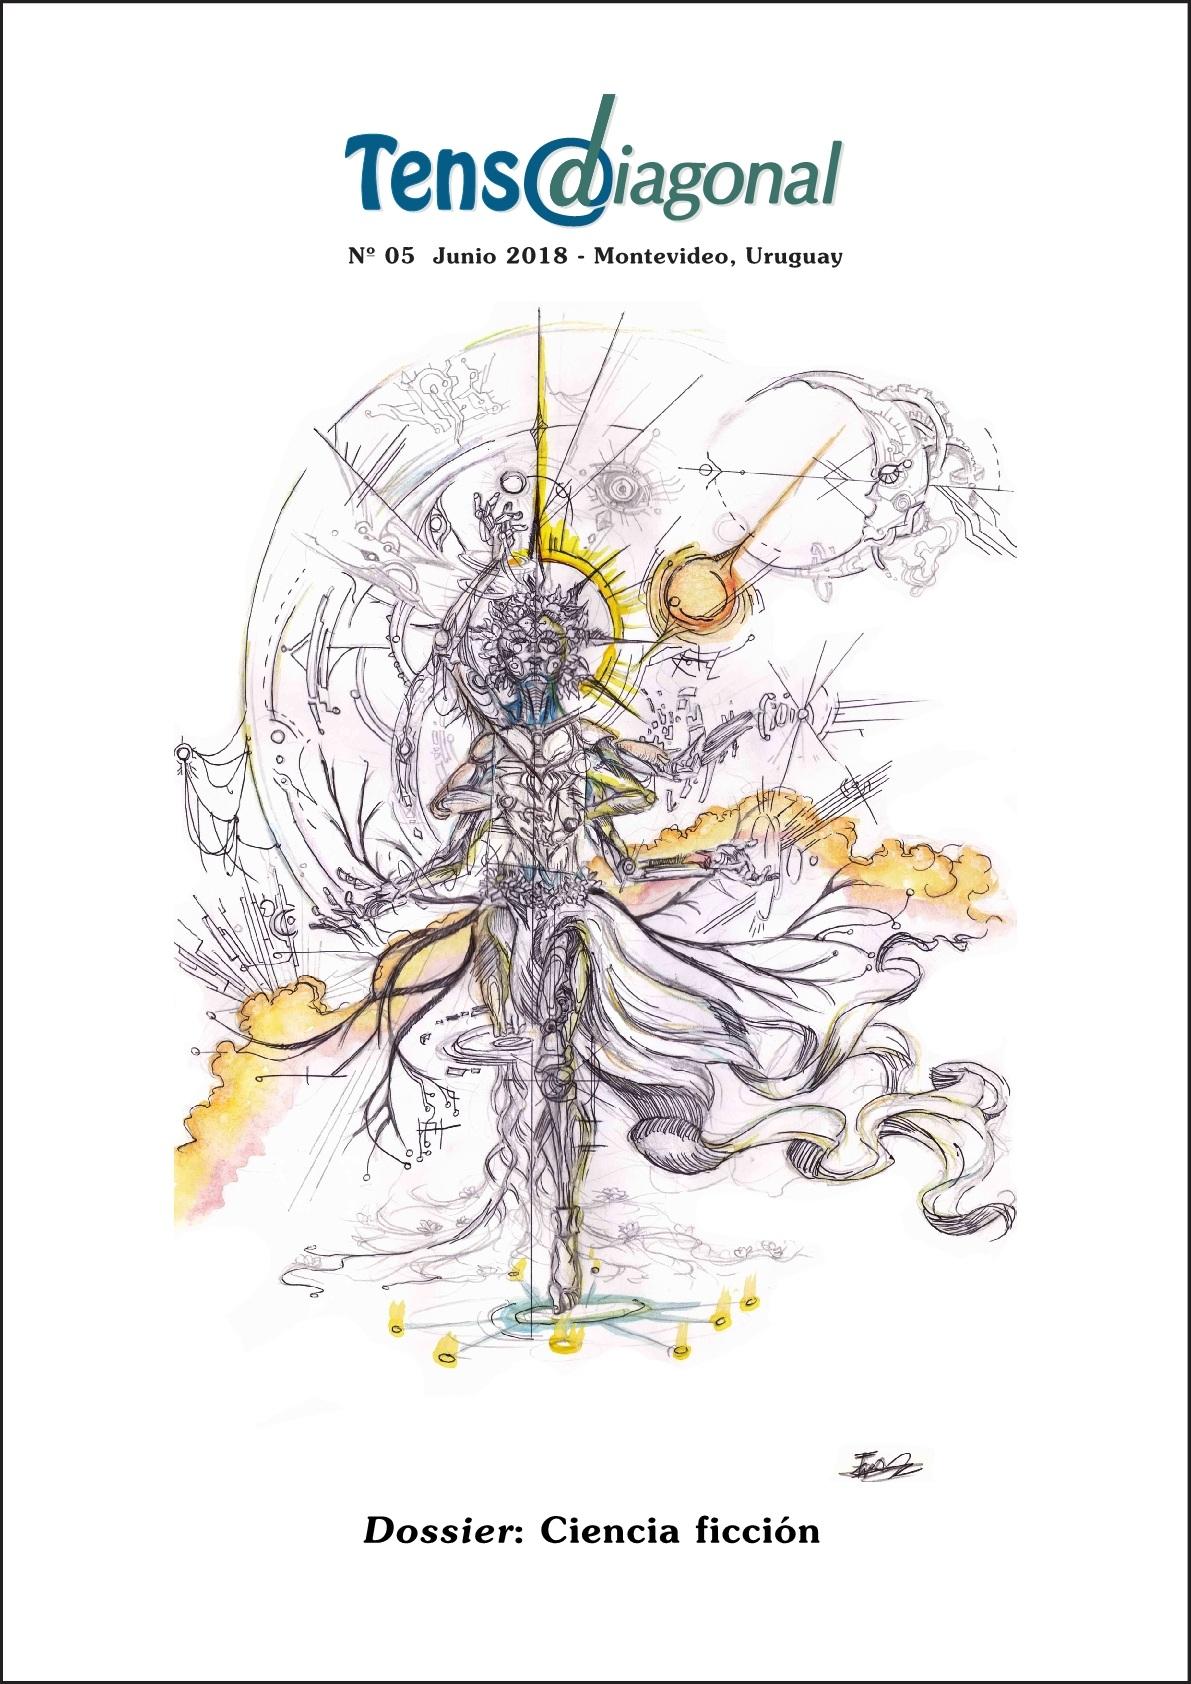 Dossier: Ciencia ficción